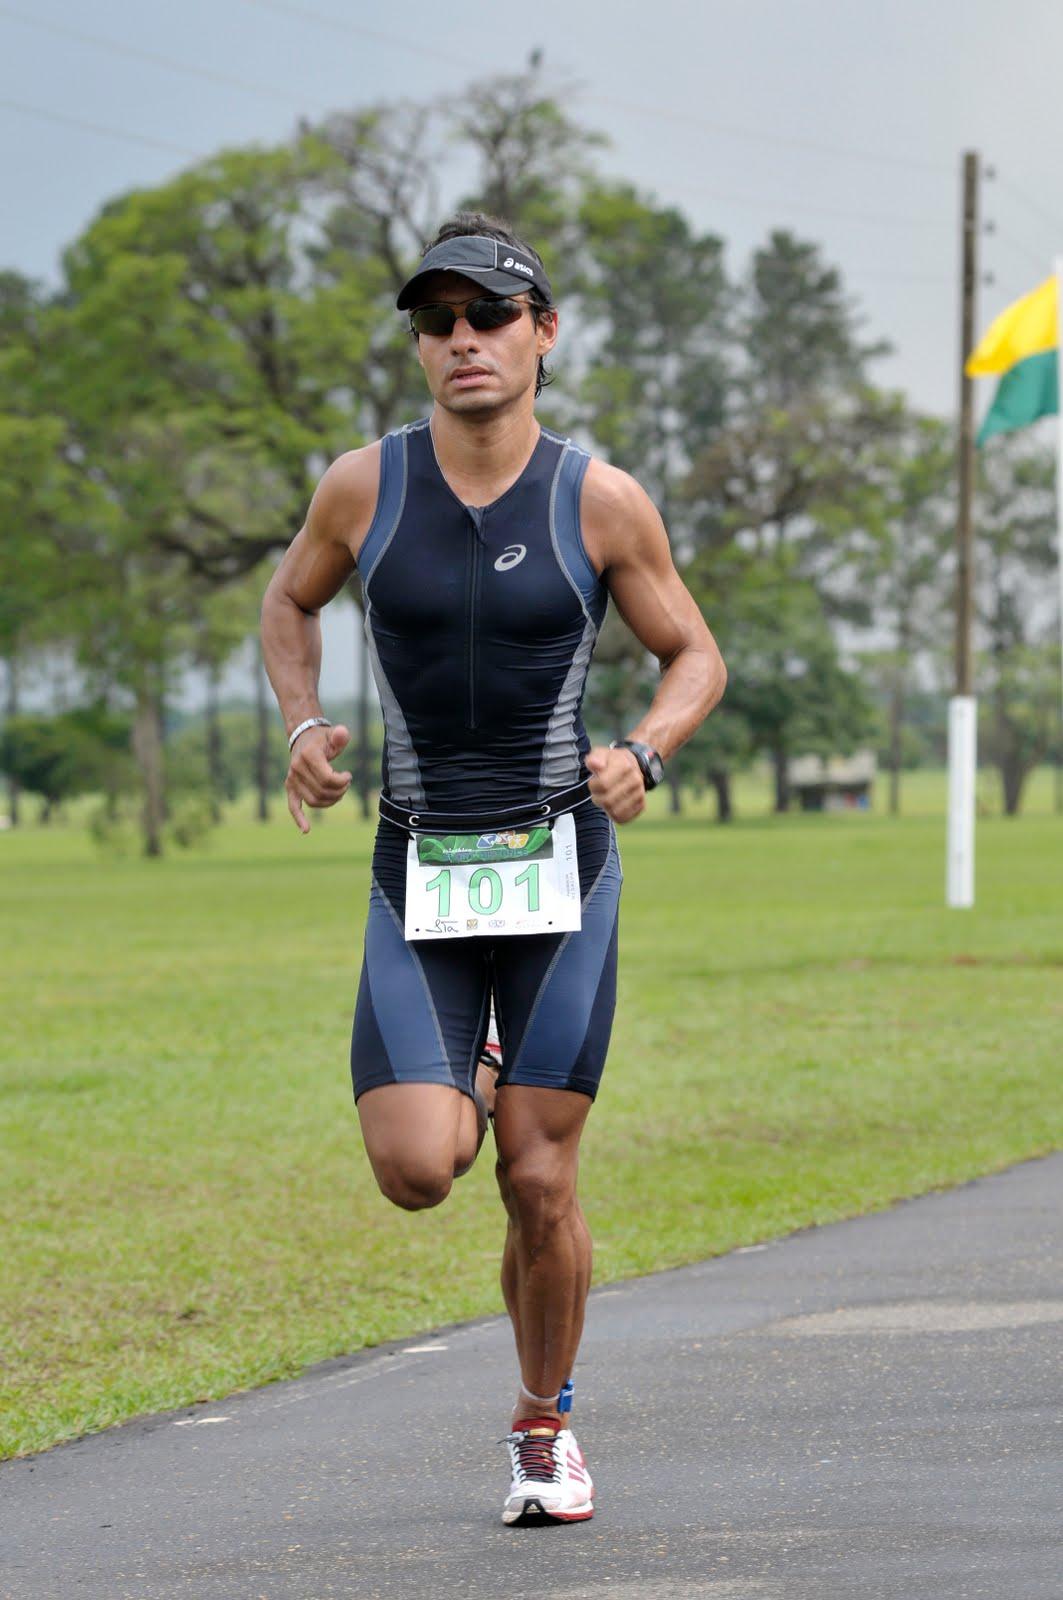 Triathlon - Frederico Vilarinho